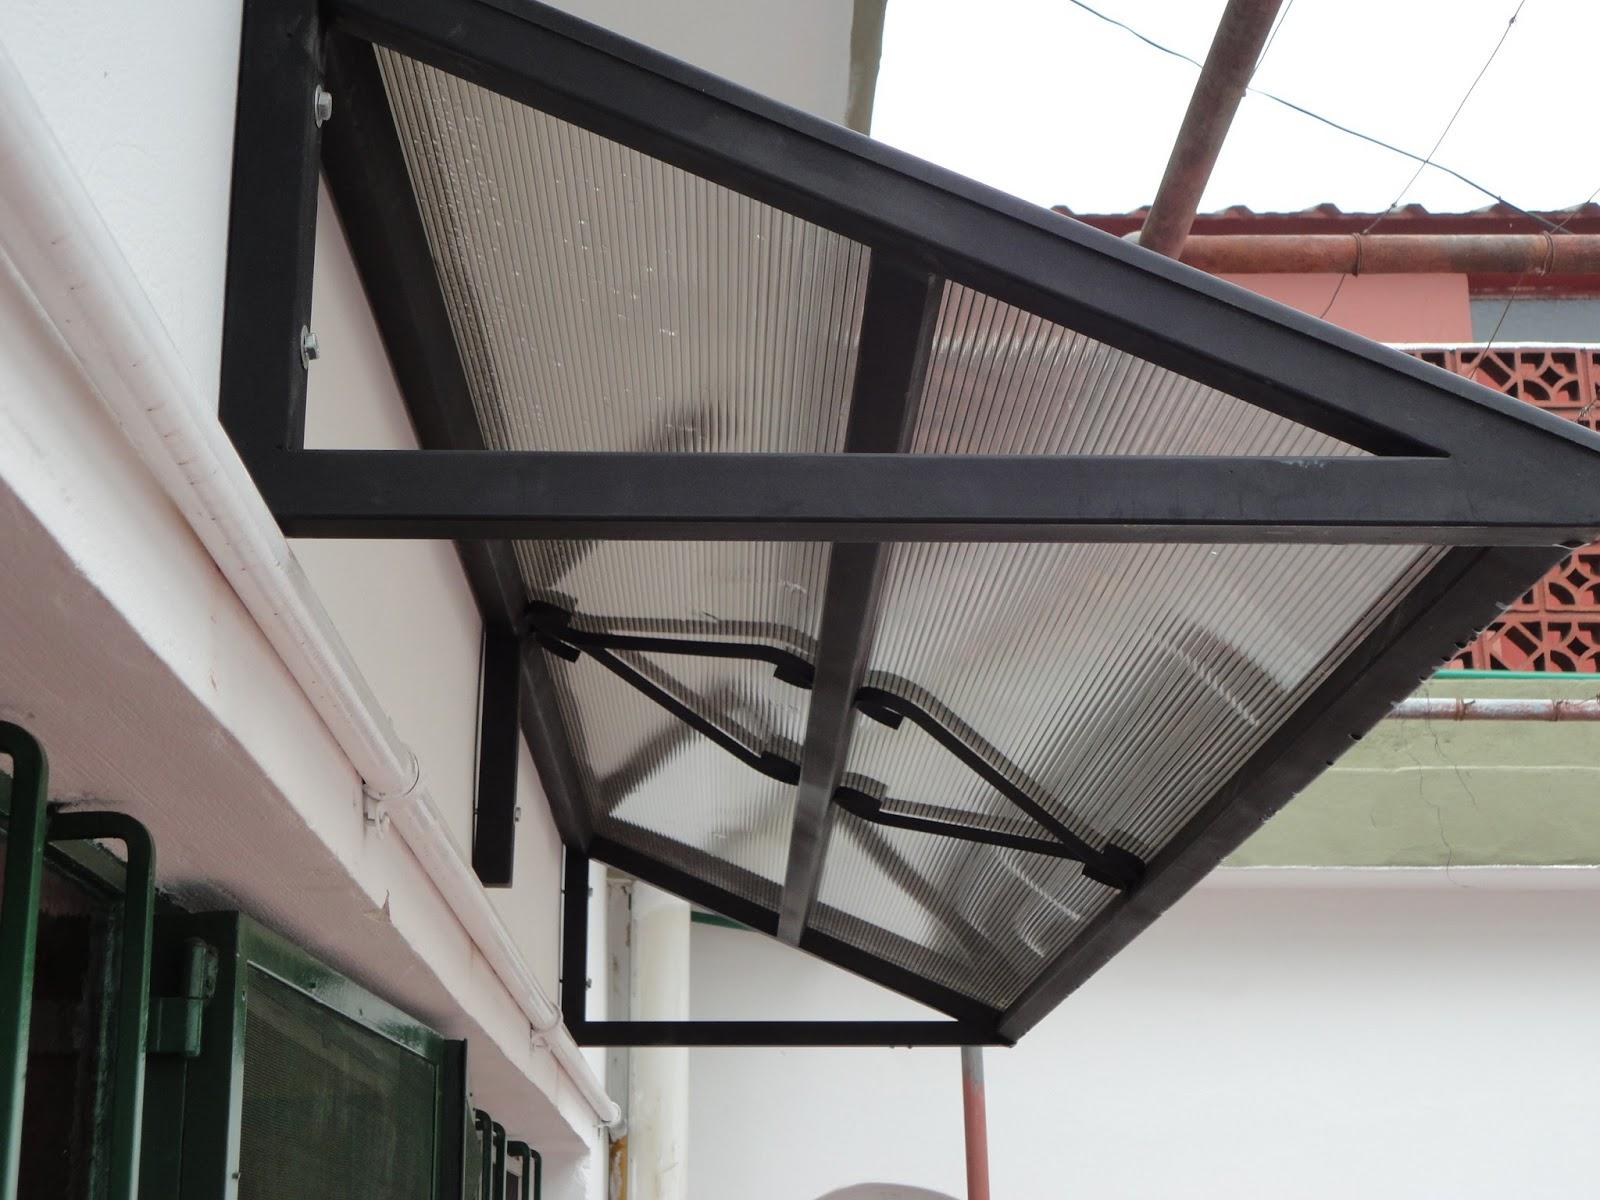 Herreria artistica gabriel m paz techos curvos y rectos for Accesorios para toldos de balcon